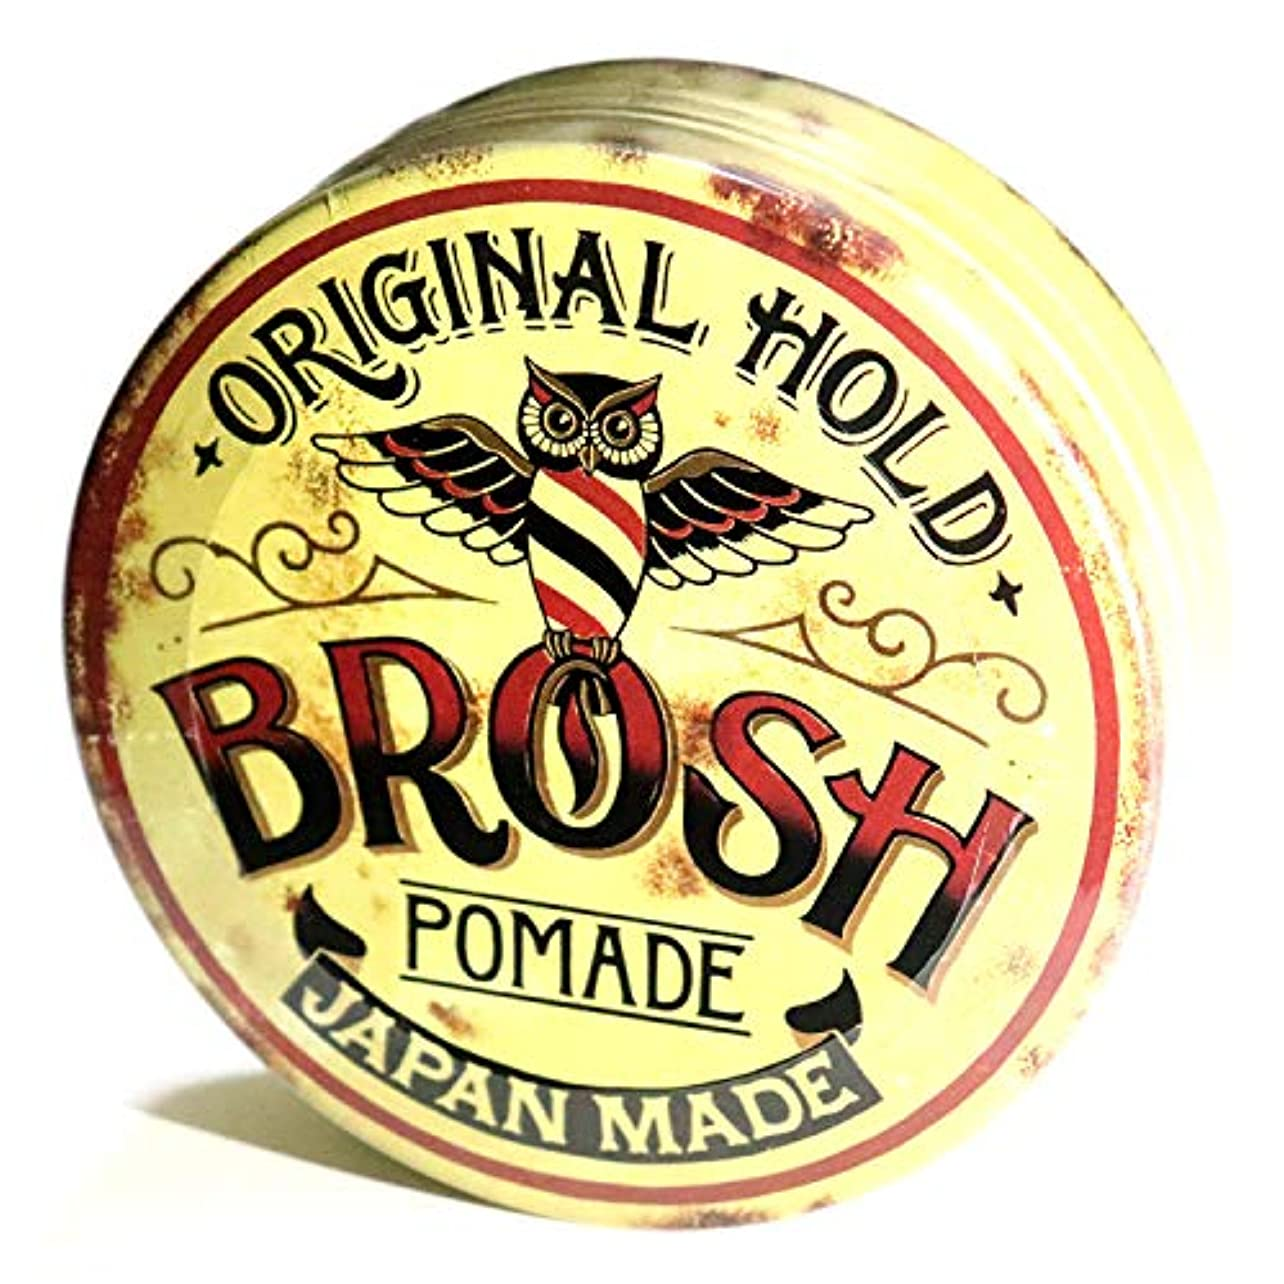 モデレータポゴスティックジャンプコンサートBROSH (ブロッシュ) BROSH POMADE ORIGINAL HOLD 115g 水性ポマード 整髪料